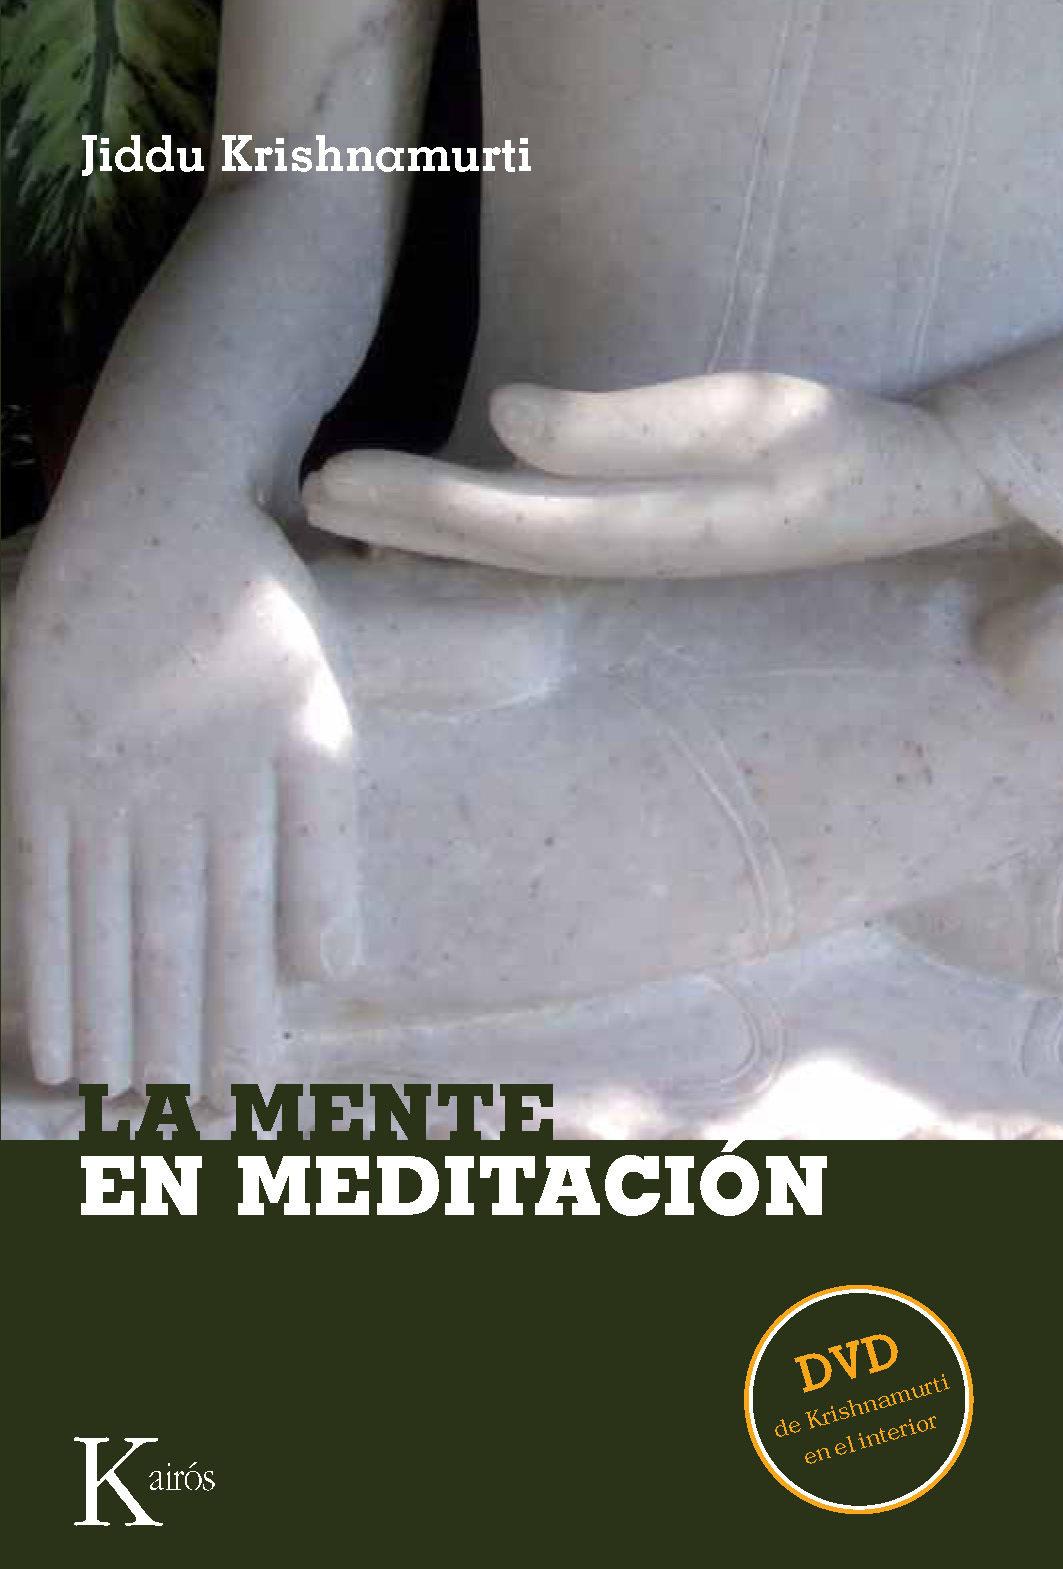 La Mente En Meditacion (incluye Dvd) por Jiddu Krishnamurti epub